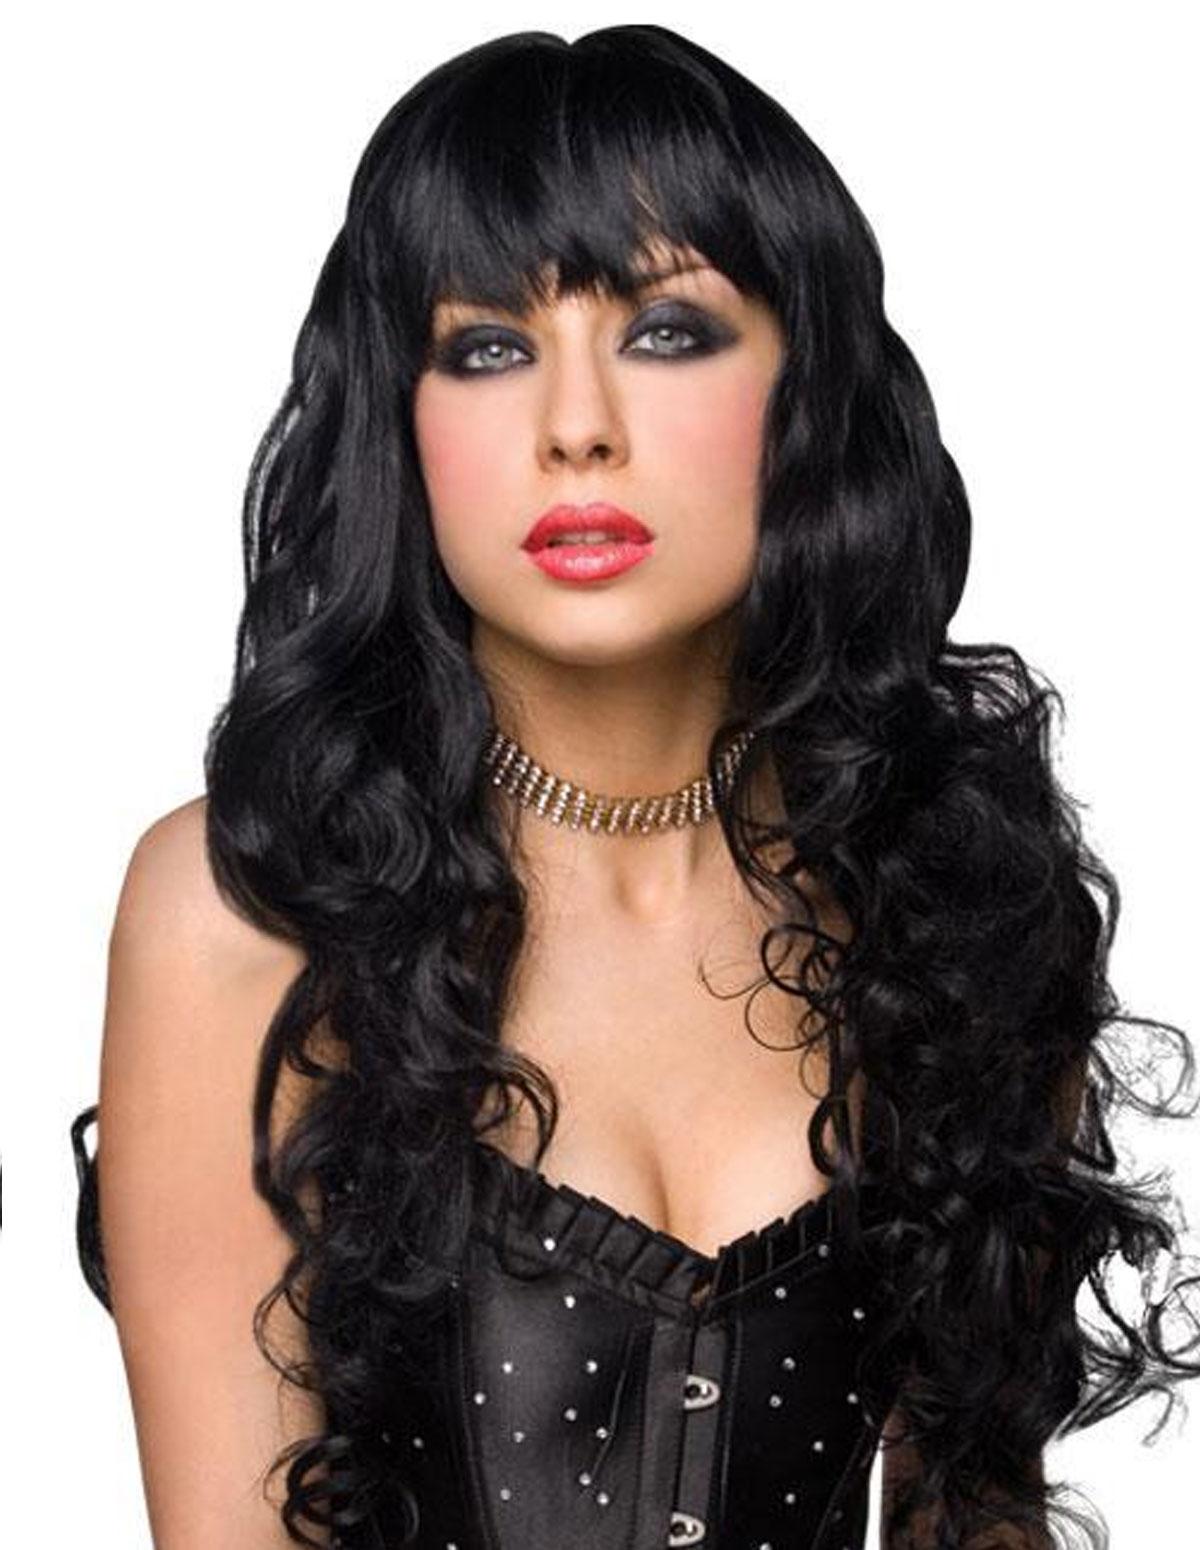 Missy Wig - Black